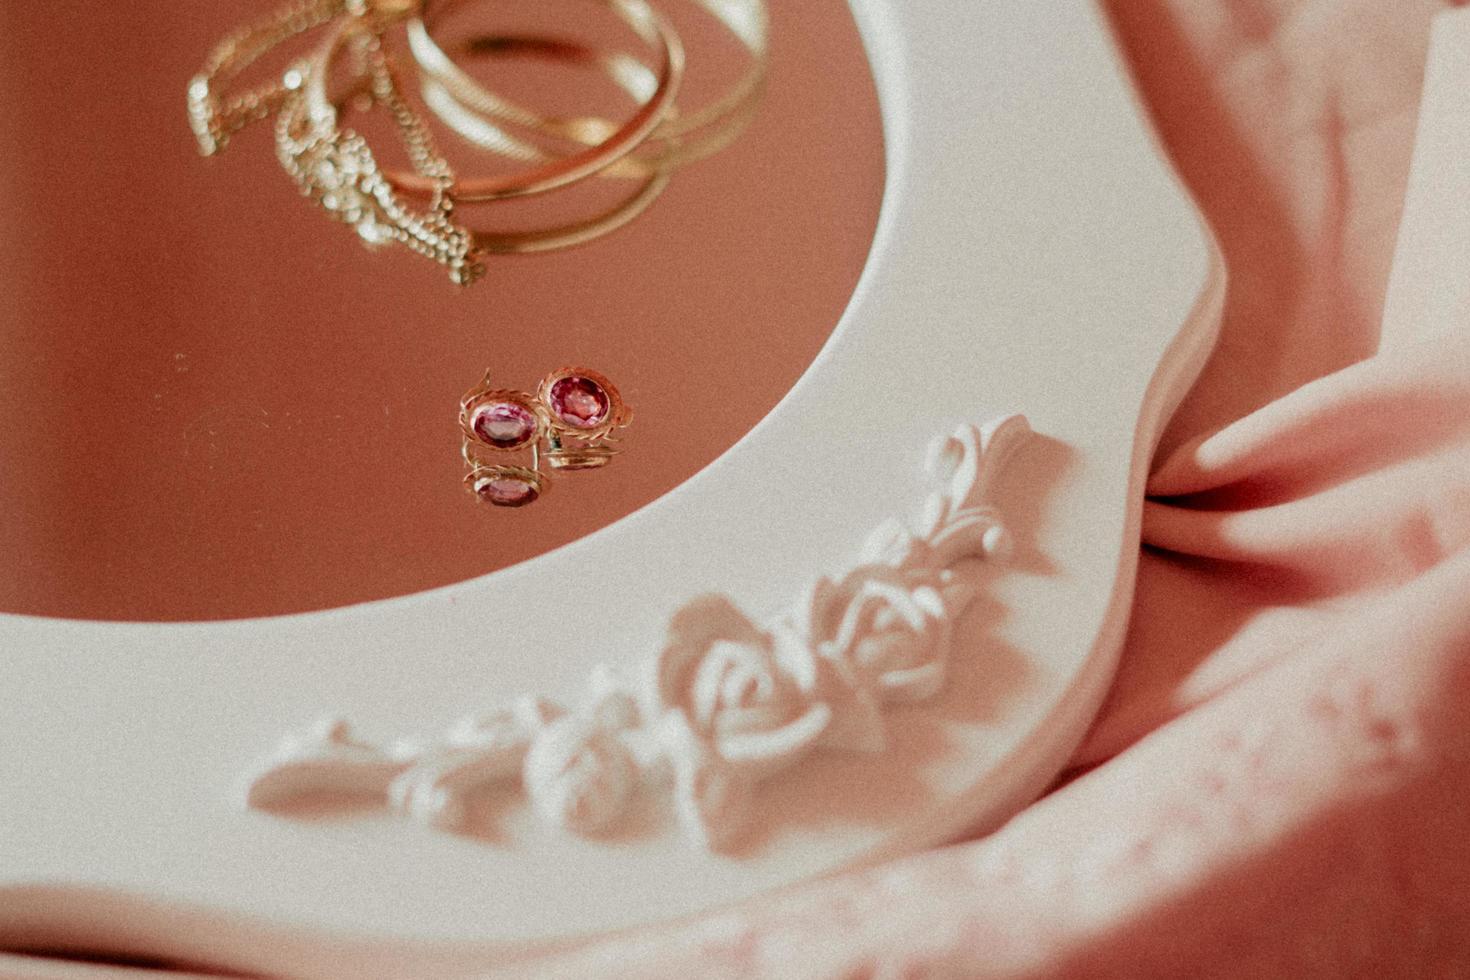 accessoires d'or sur un miroir photo